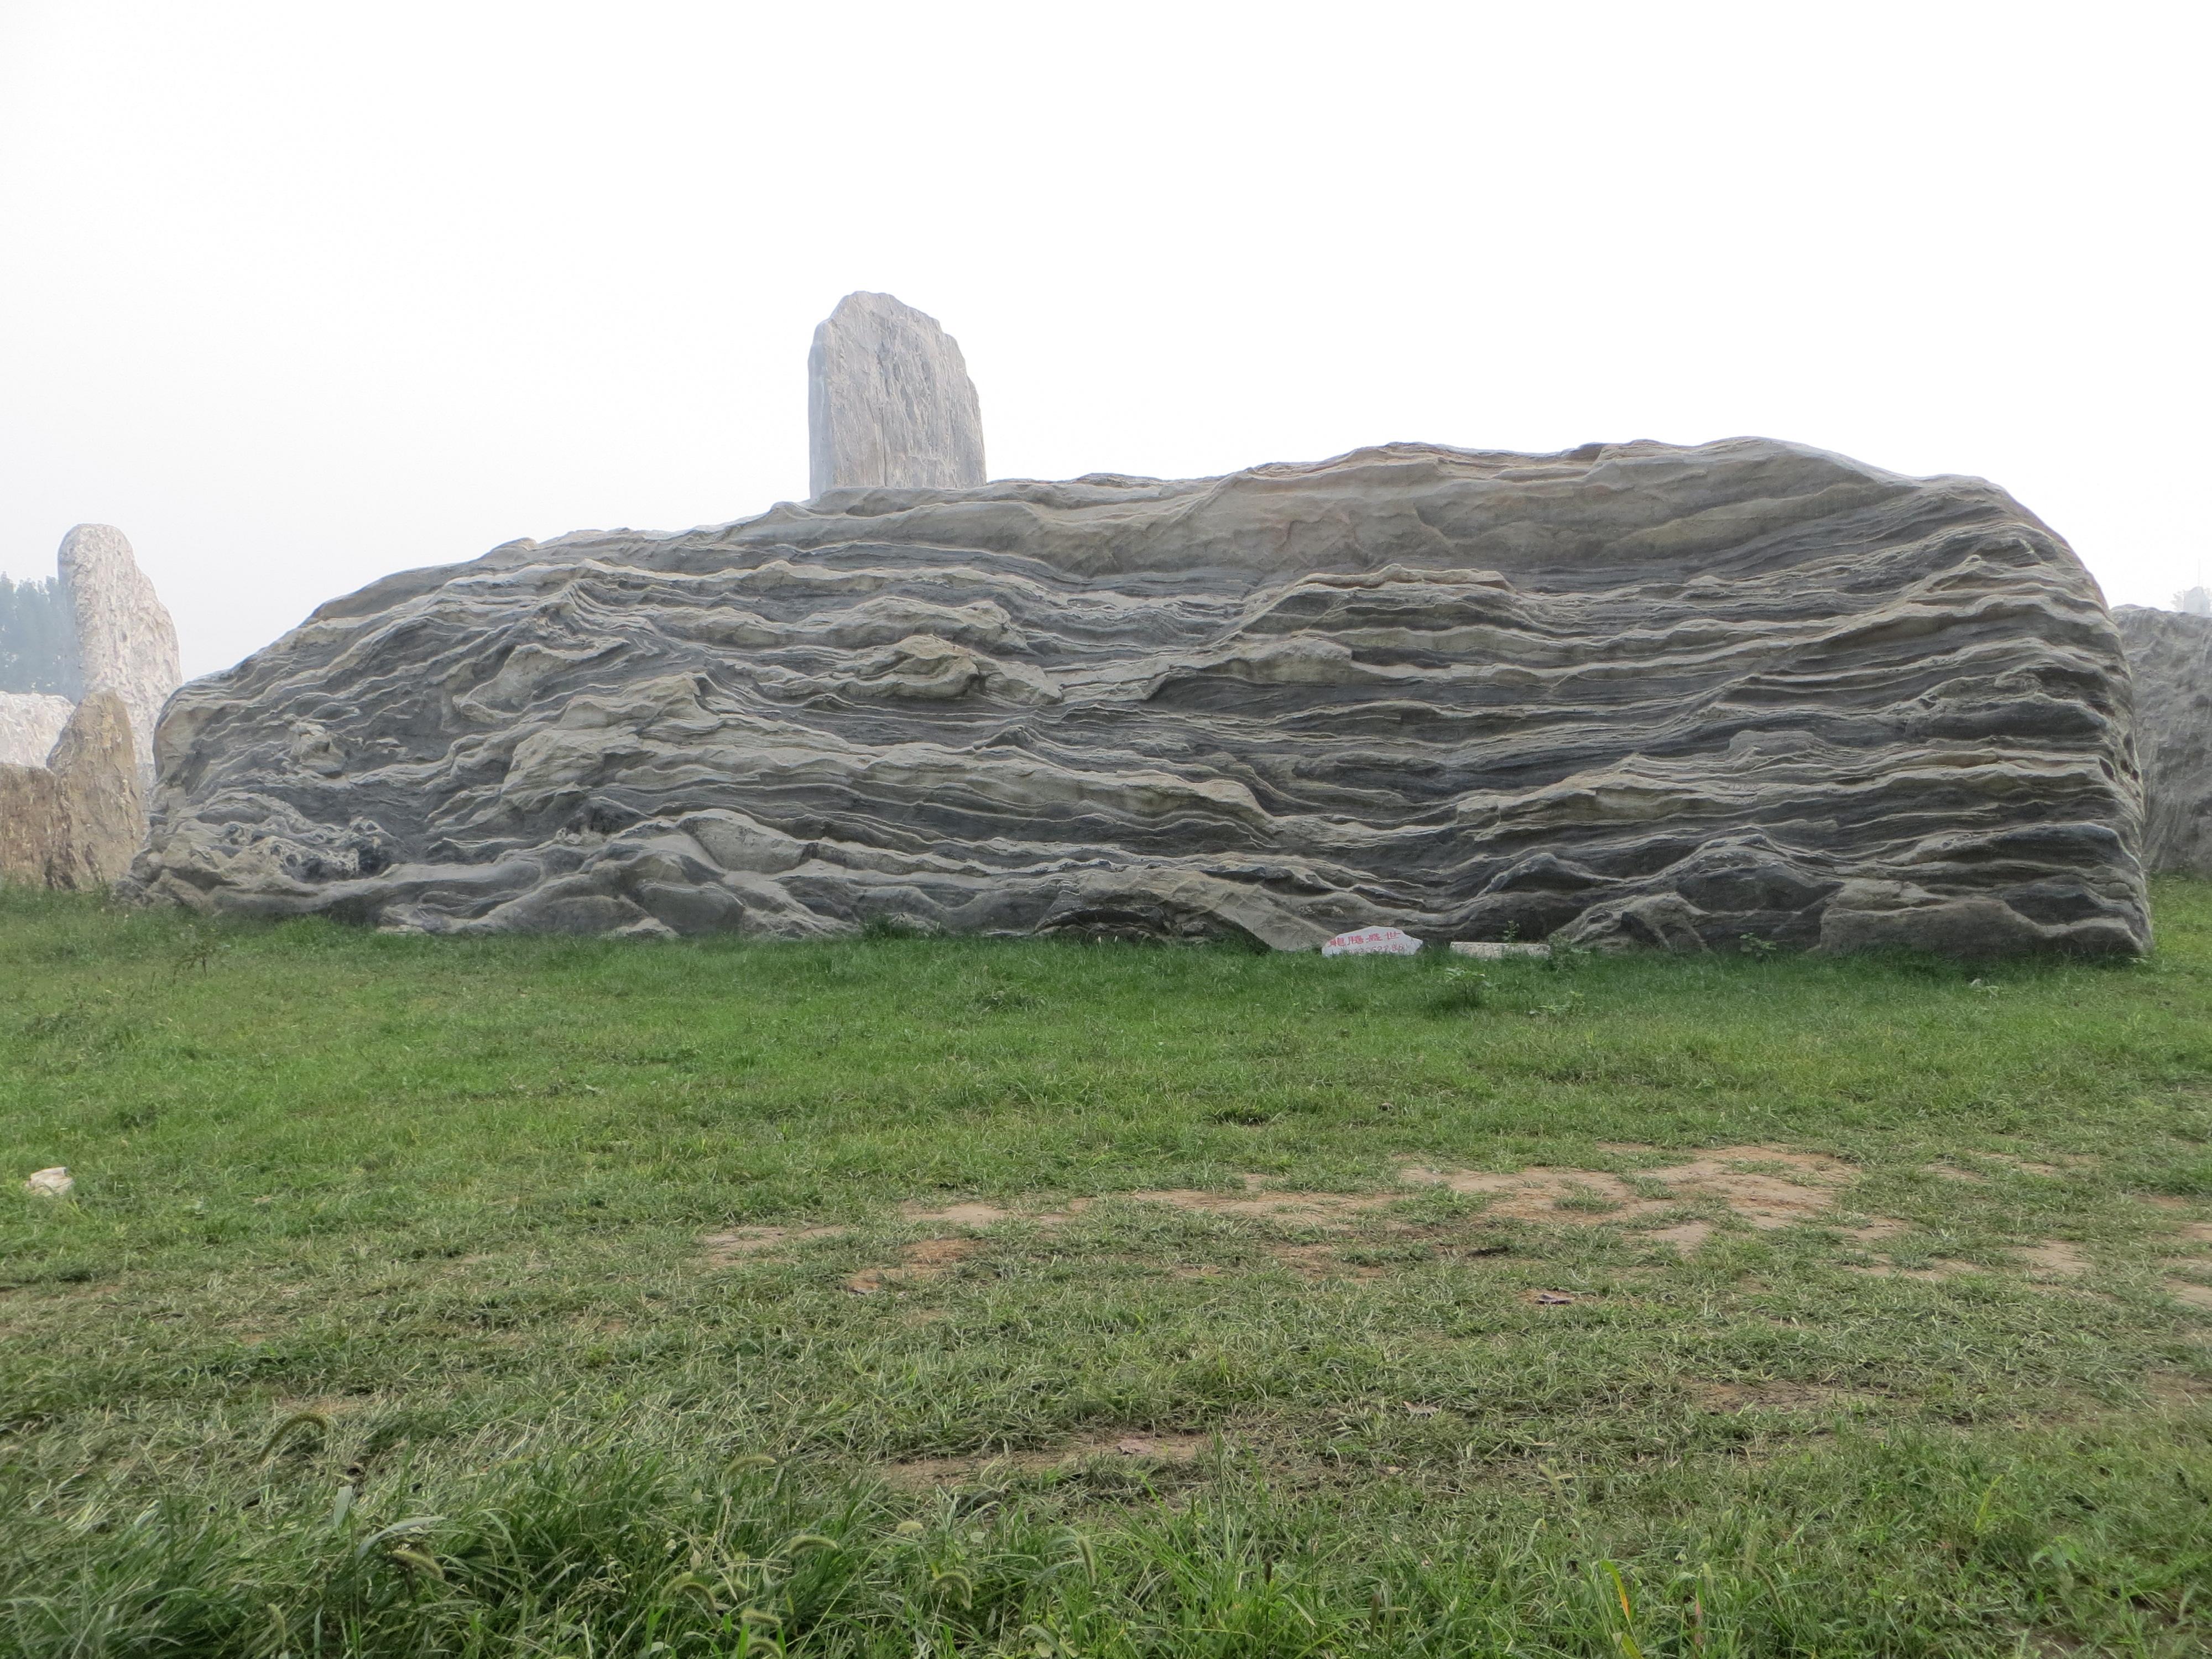 门牌石刻字,招牌石,观赏石,景观石,风景石,曲阳石雕泰山石,天然自然石